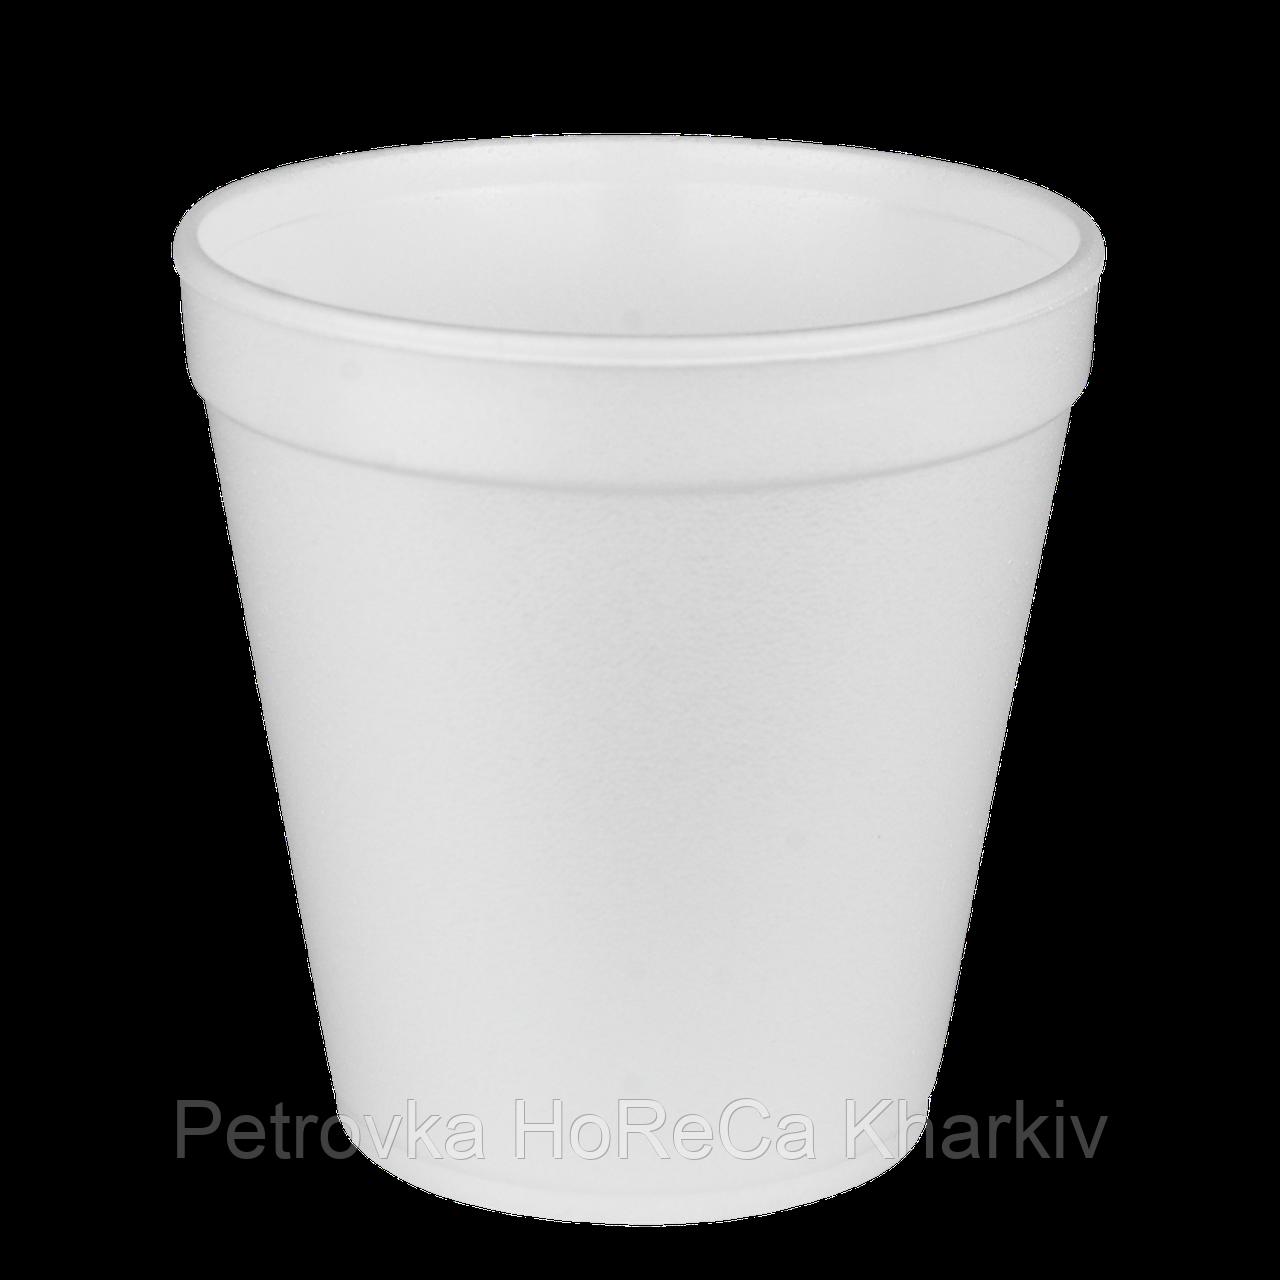 Супница из пенополистирола(РS) объем-650 мл (1уп/25шт)